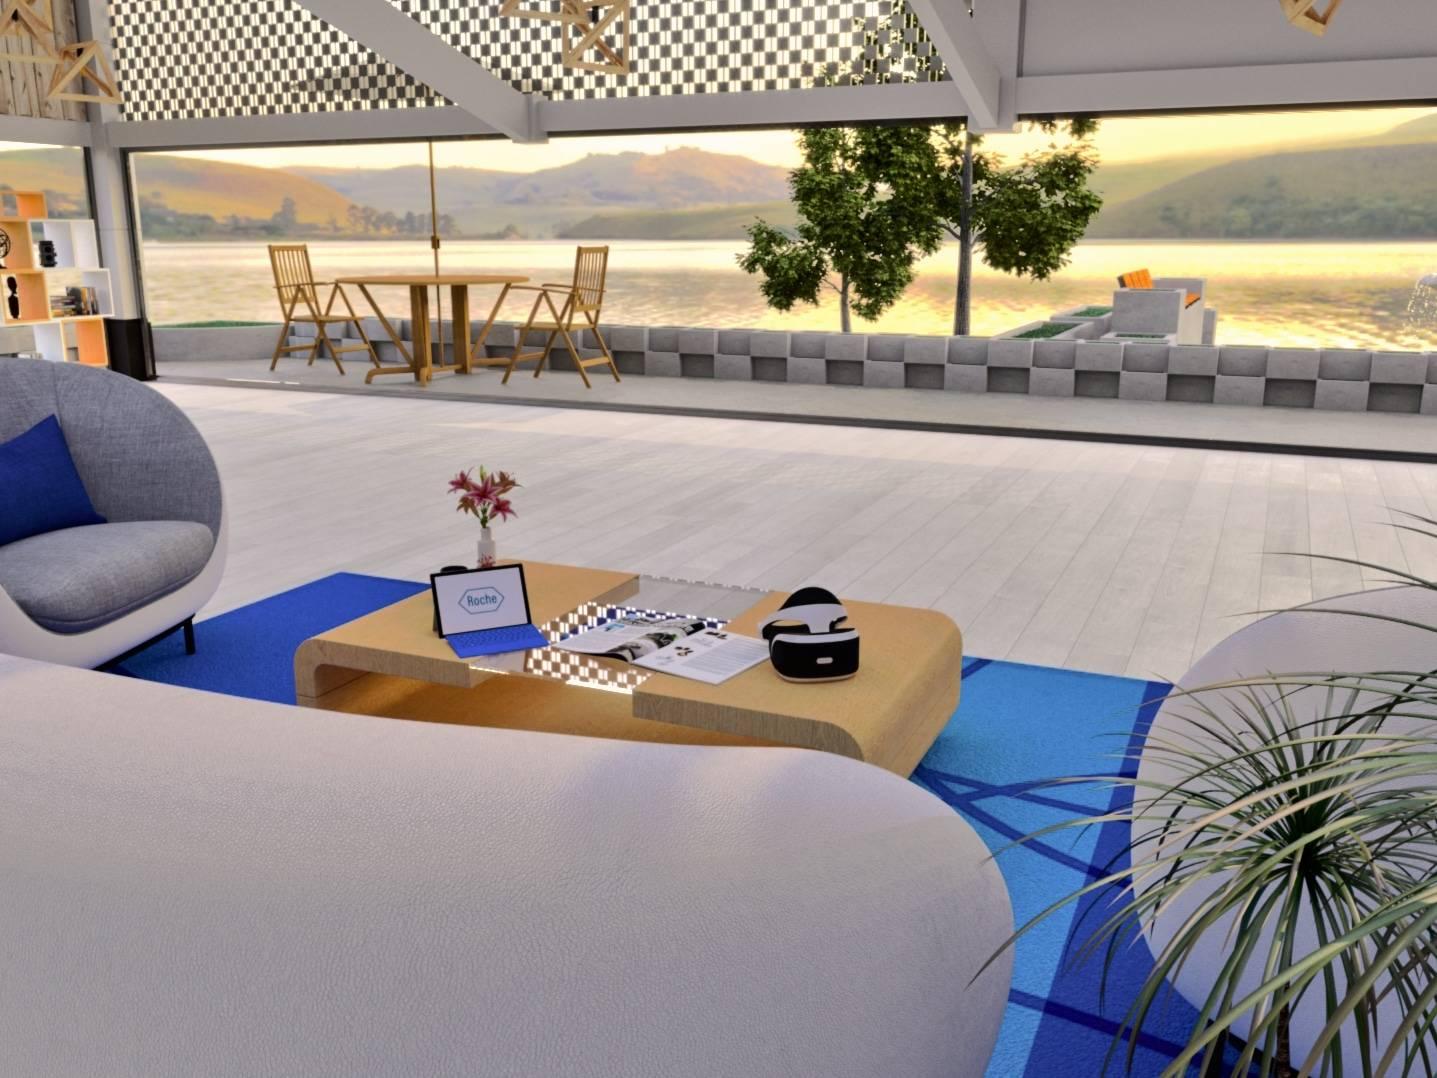 Player vidéo 360 Hub VR